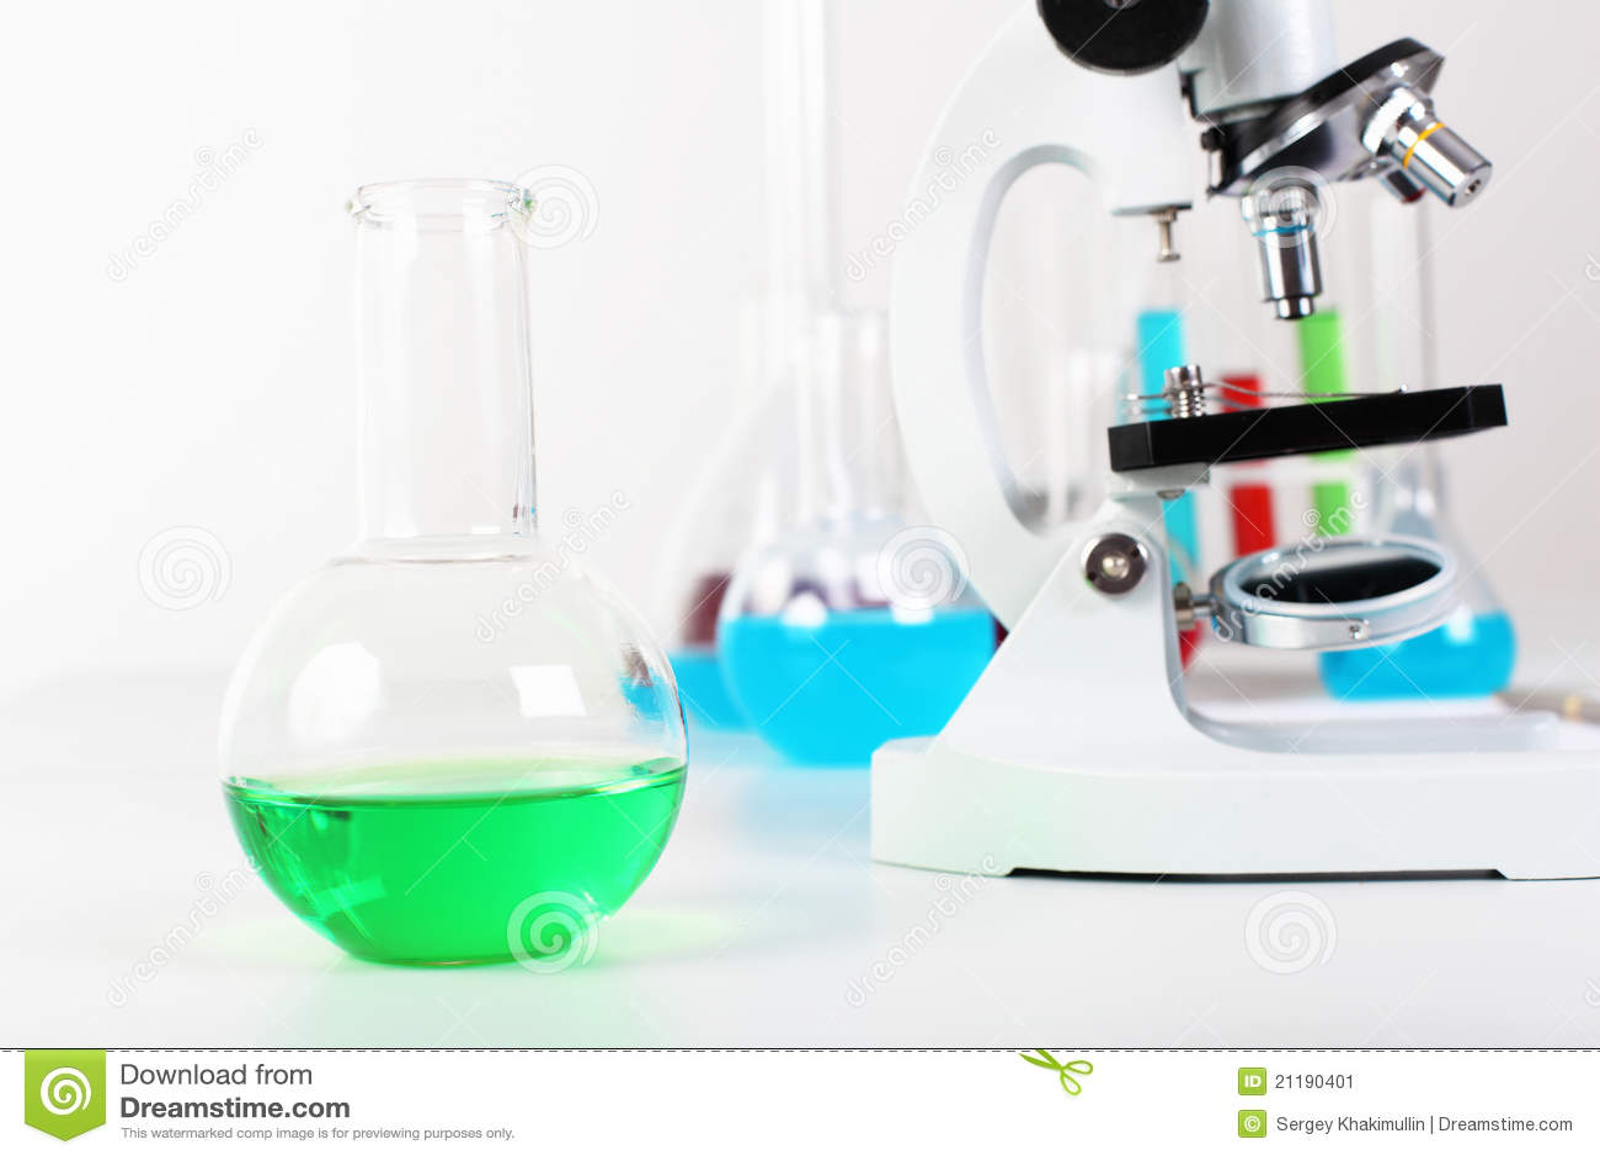 化学或生物laborotary设备